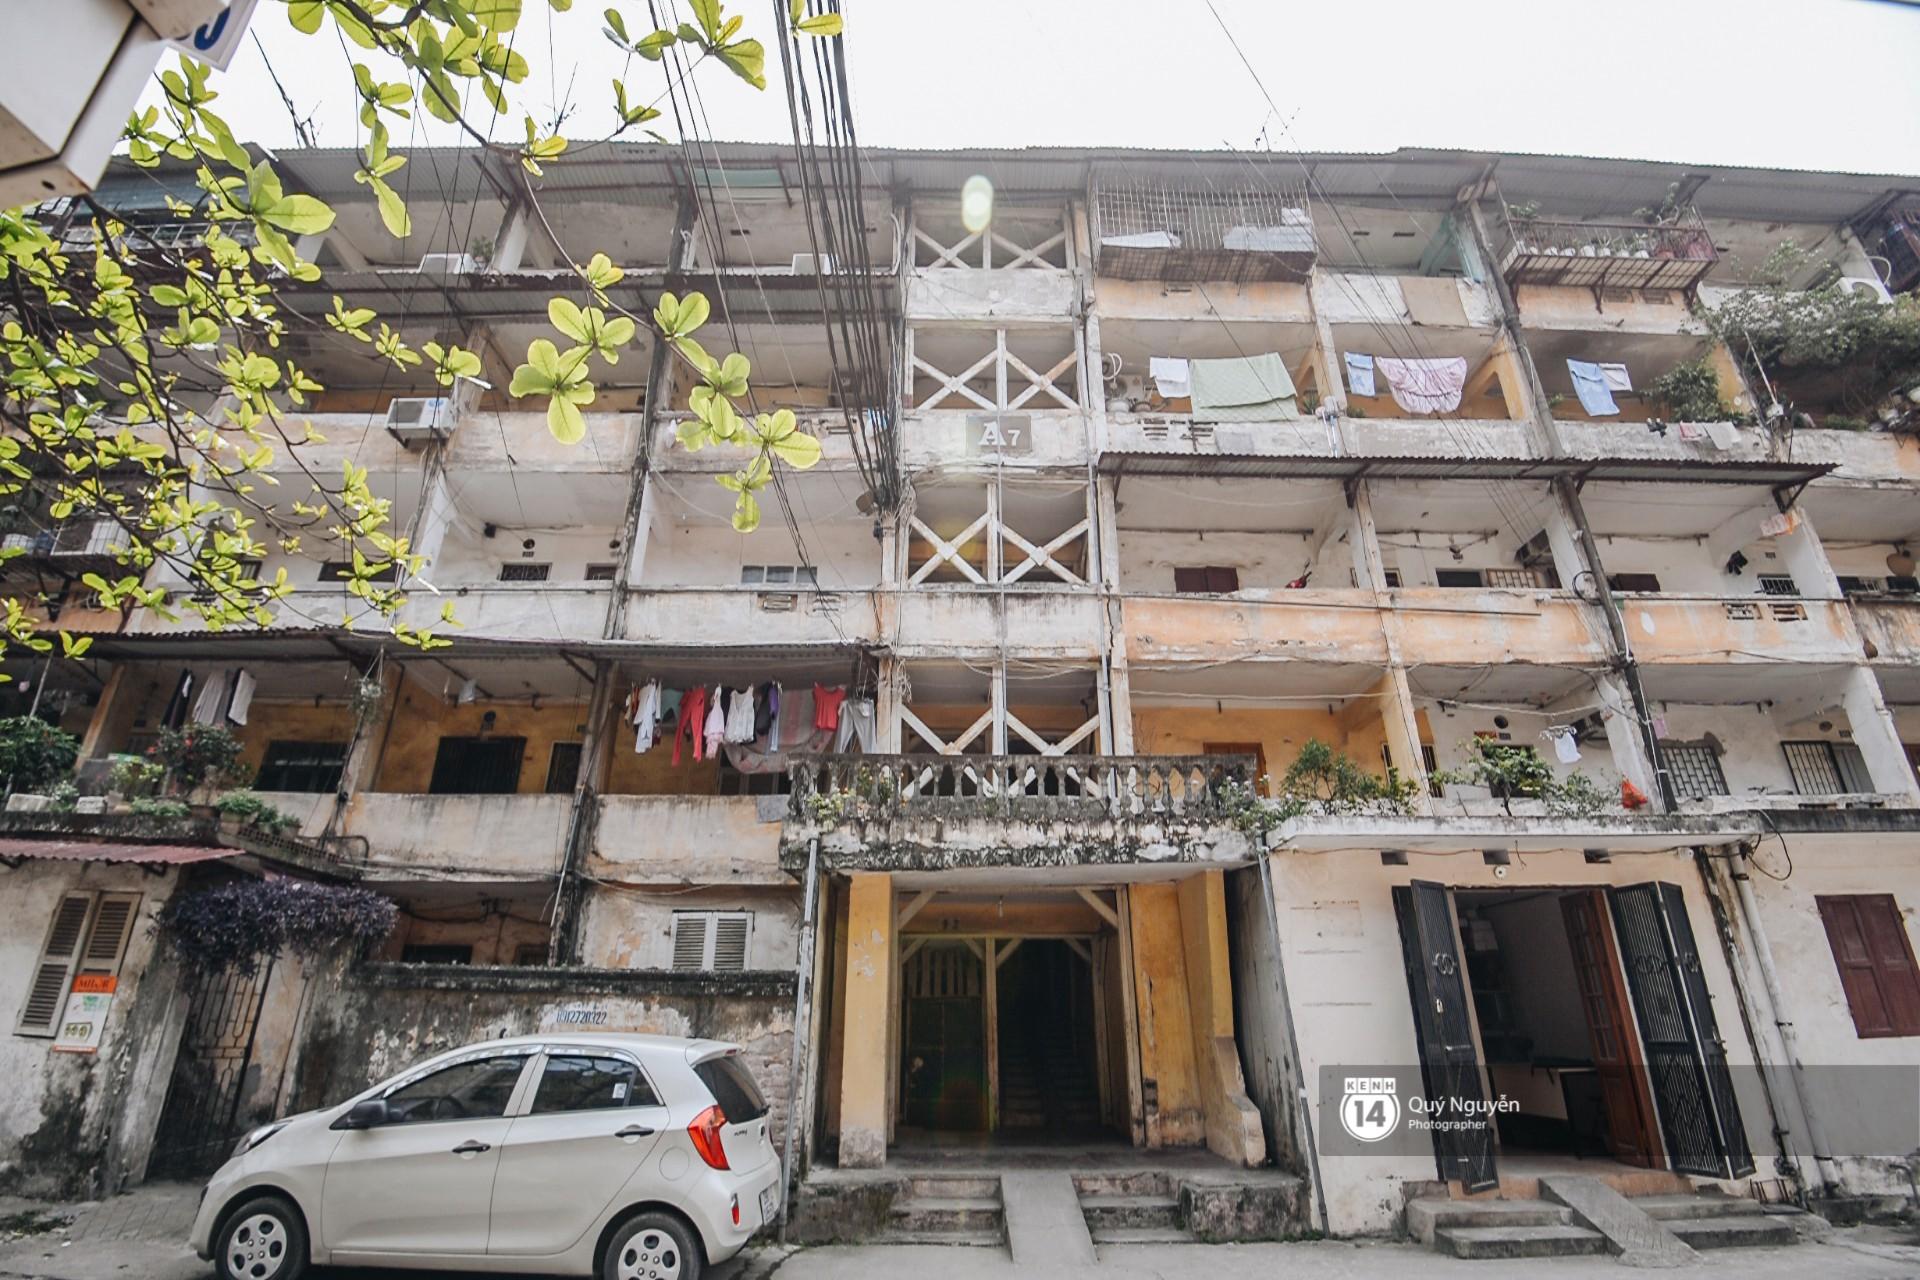 Chùm ảnh: Thấp thỏm sống trong chung cư tử thần đầy những vết nứt ở Hà Nội - Ảnh 1.